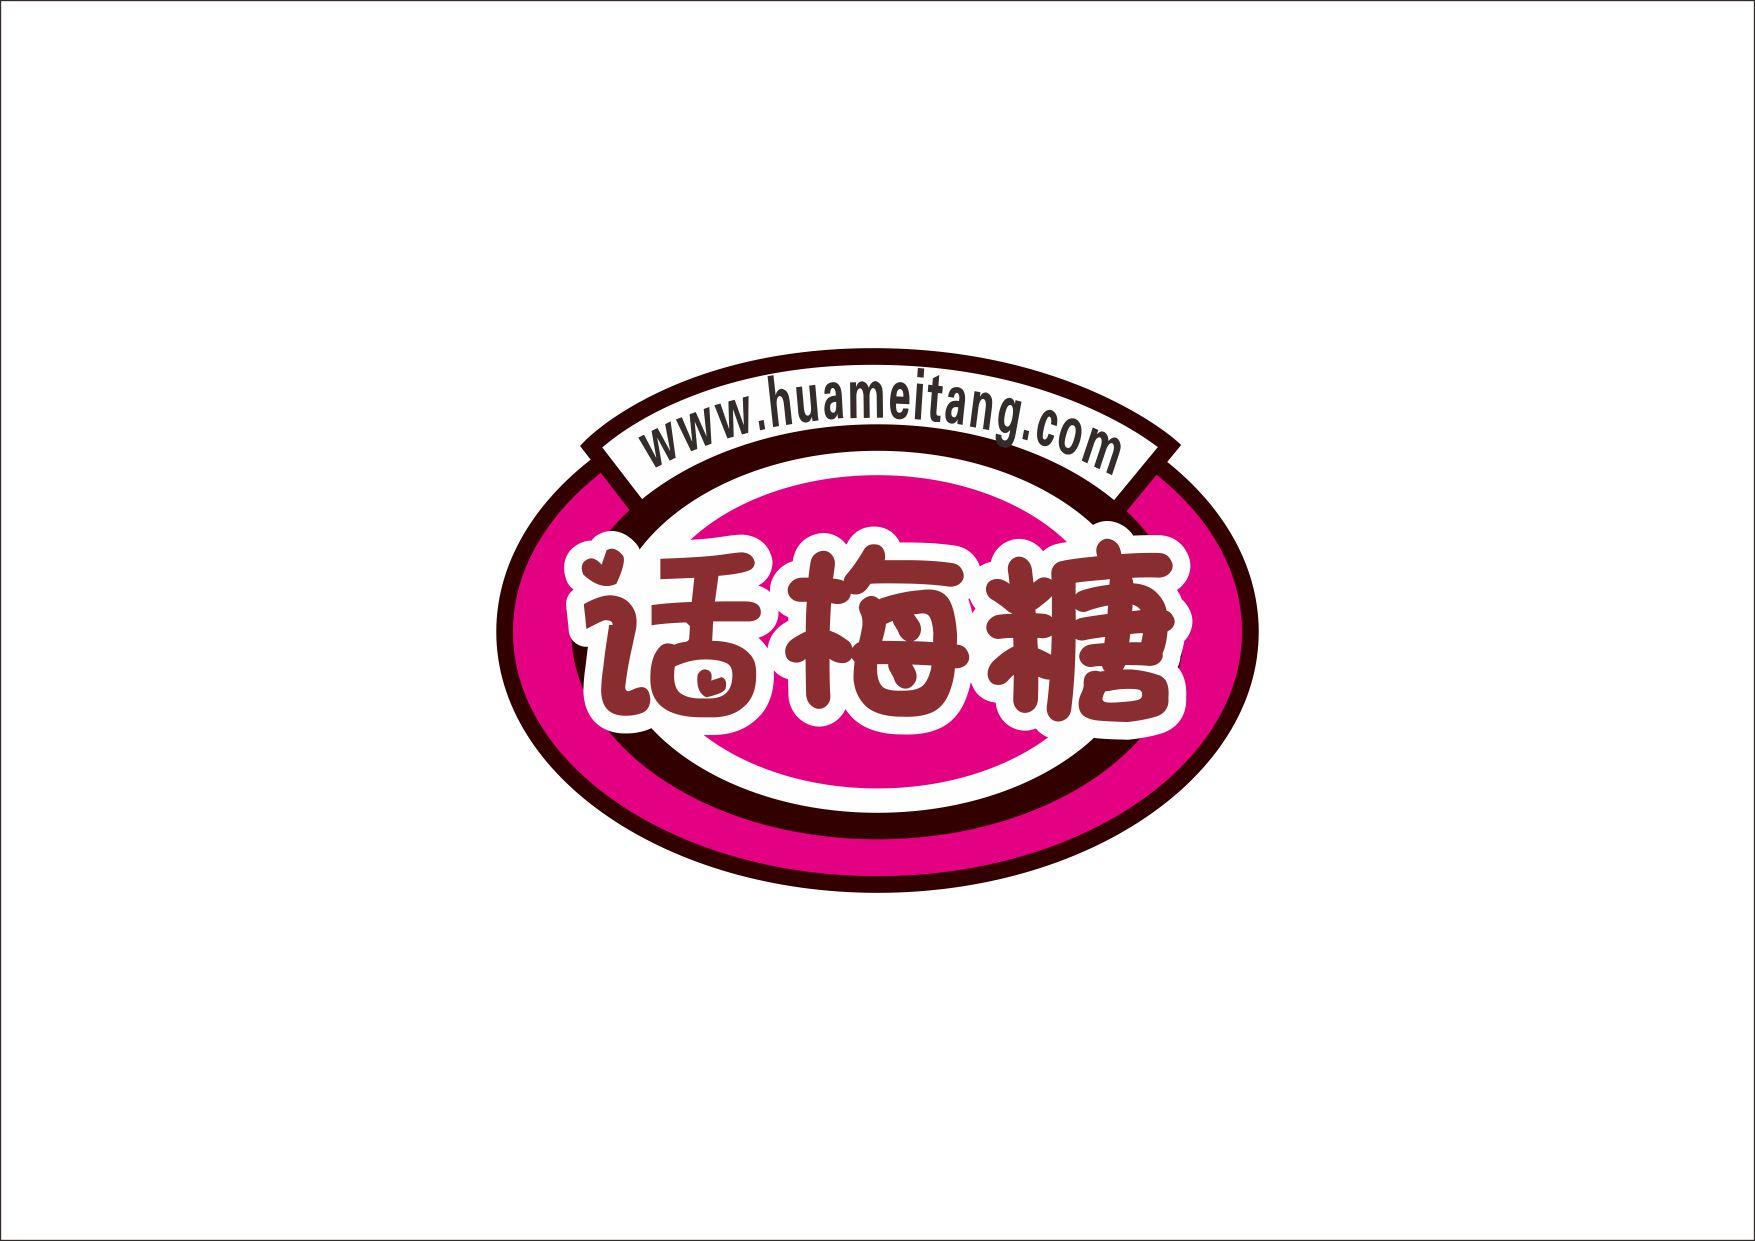 话梅糖logo设计